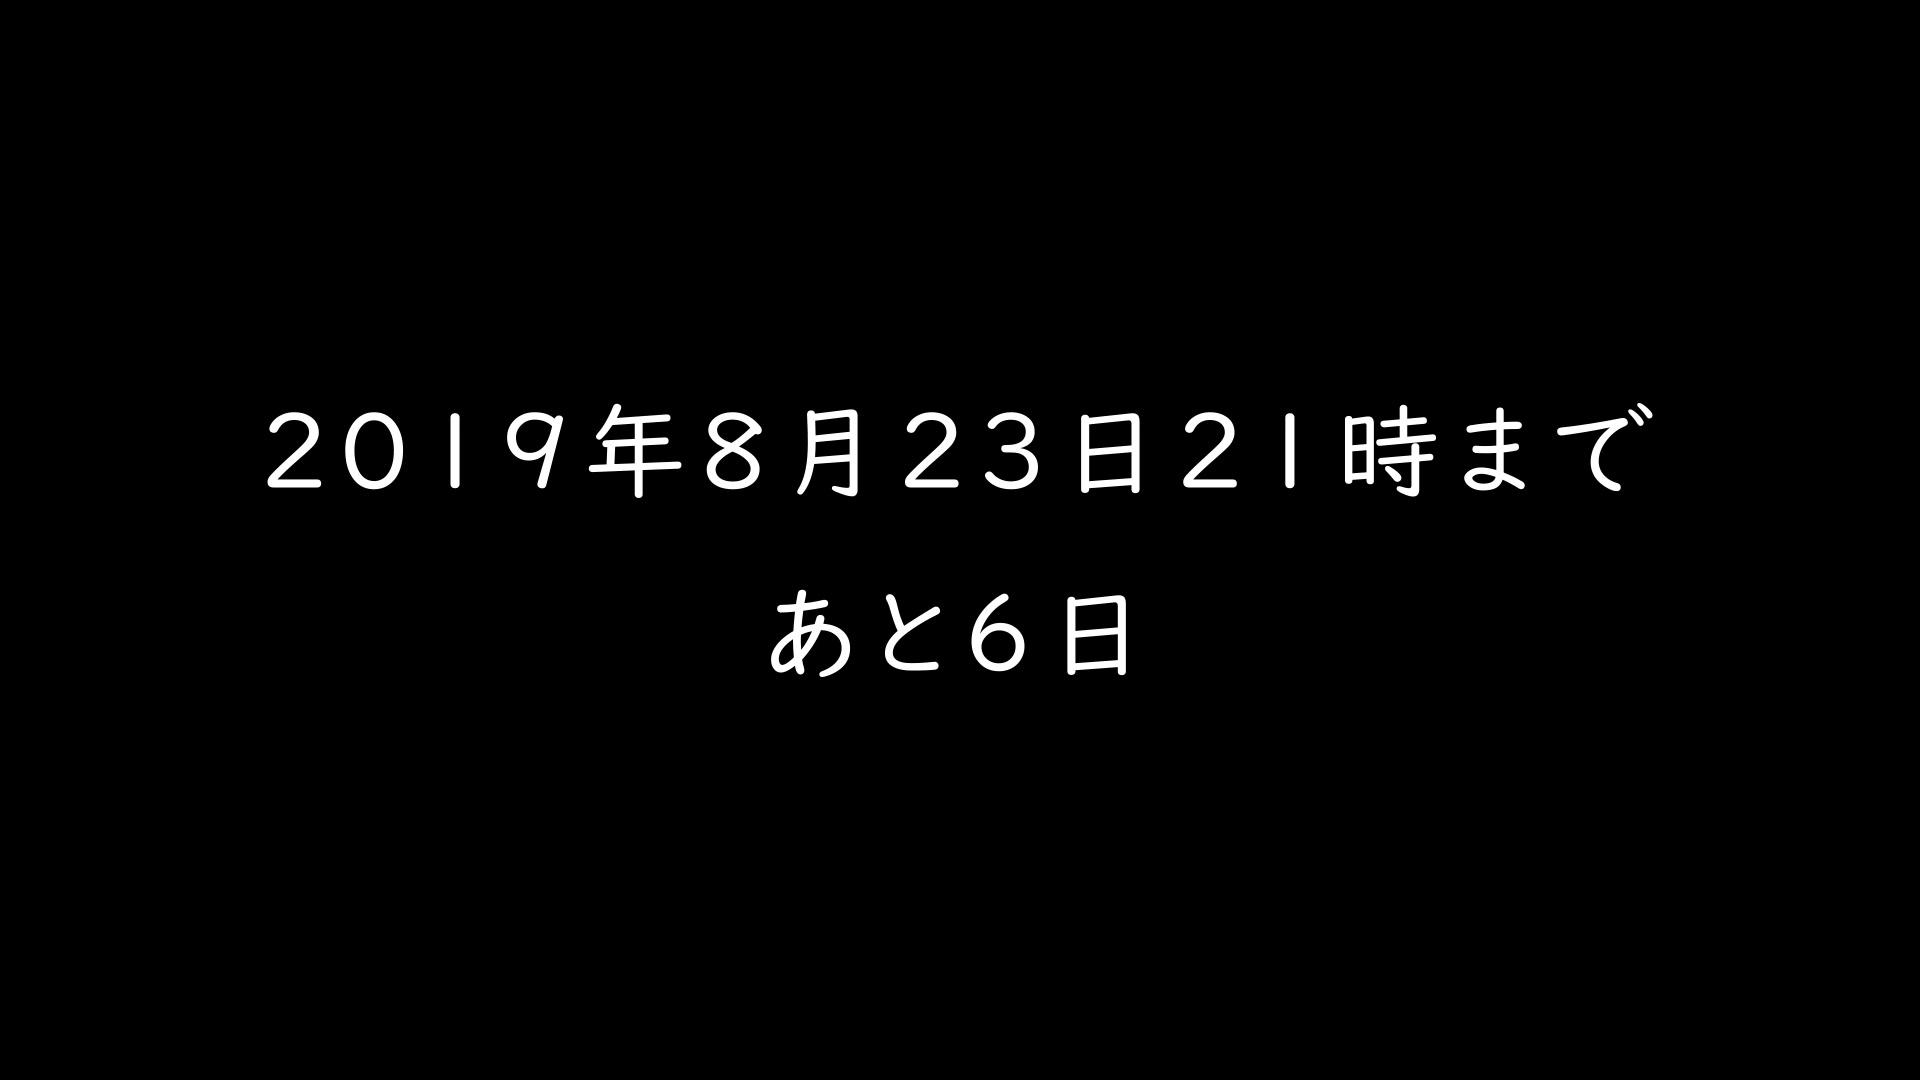 2019年8月23日21時まであと6日。